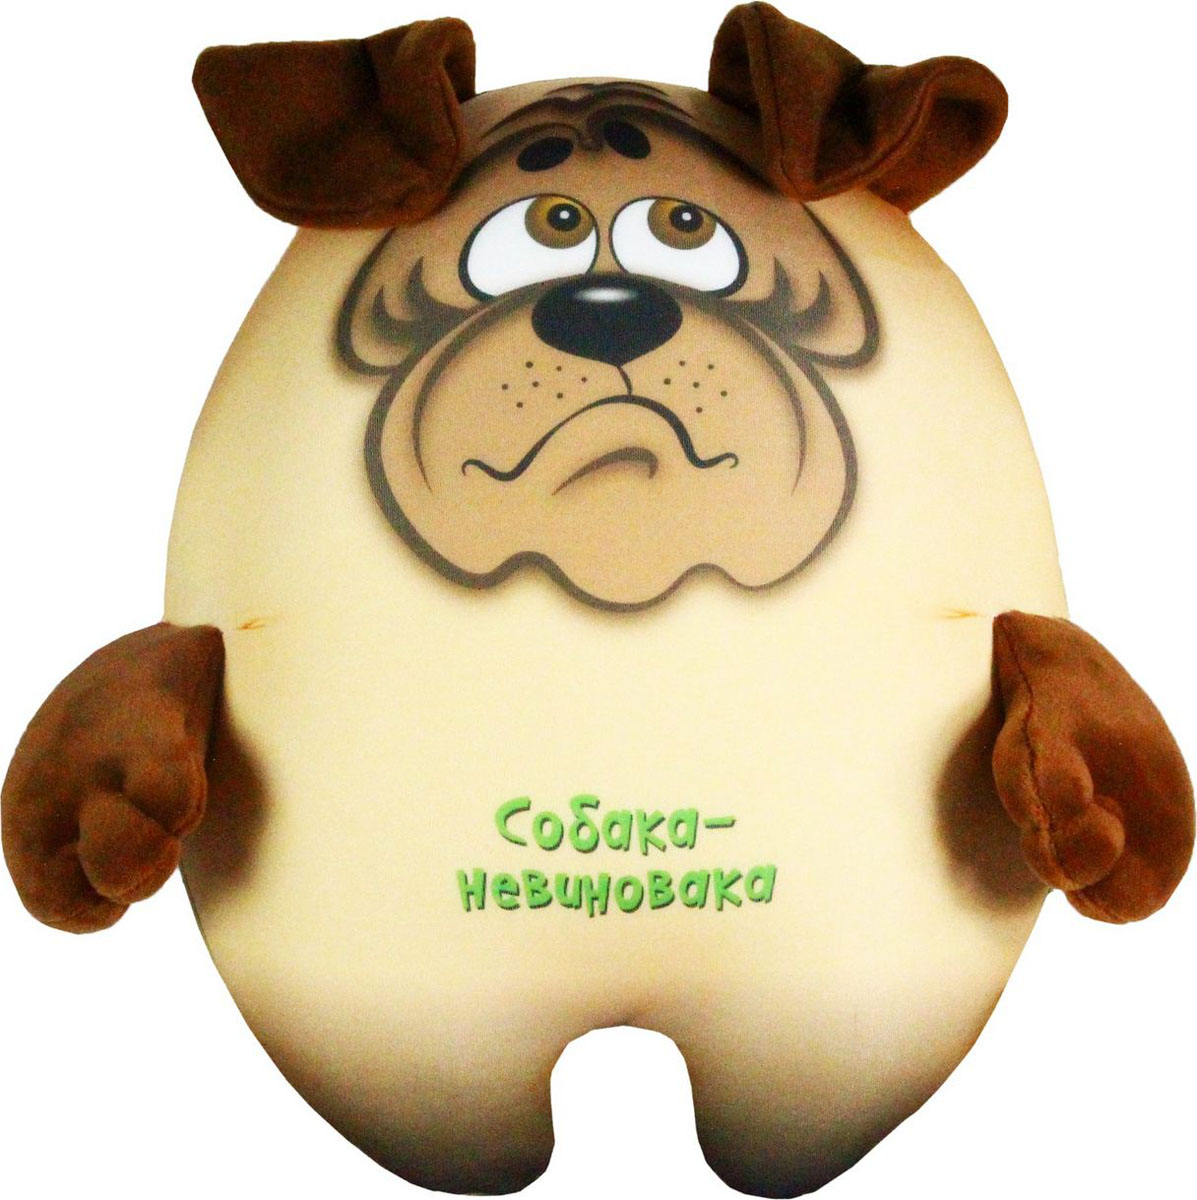 """Подушка-игрушка Штучки, к которым тянутся ручки Антистрессовая """"Собака с характером. Невиновака"""" мал., бежевый, коричневый"""